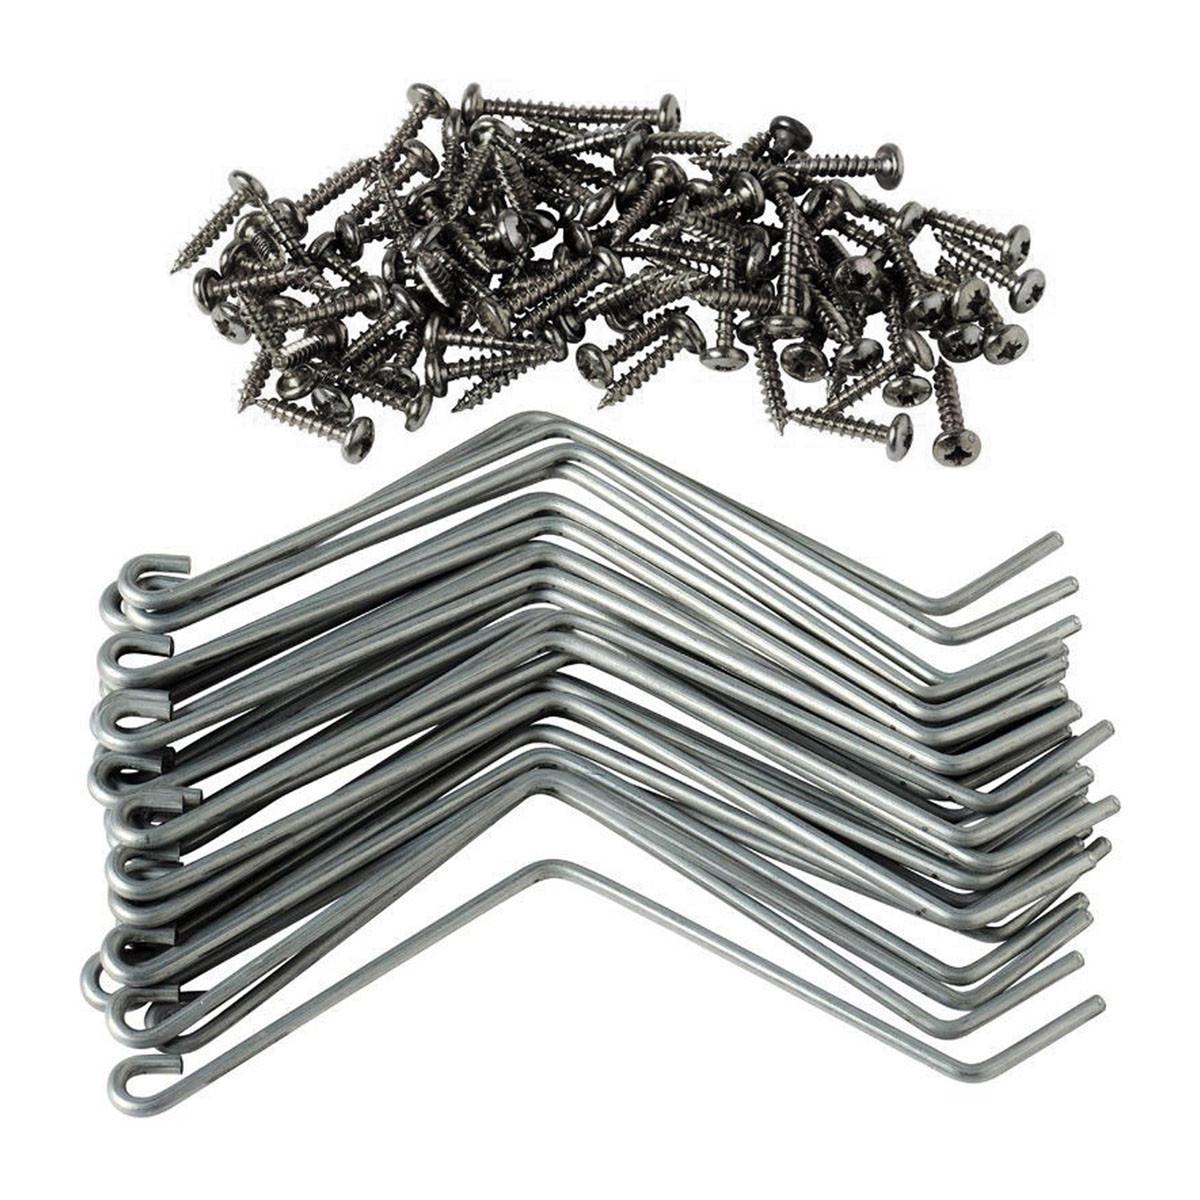 30 Fixe-éléments Inox avec vis